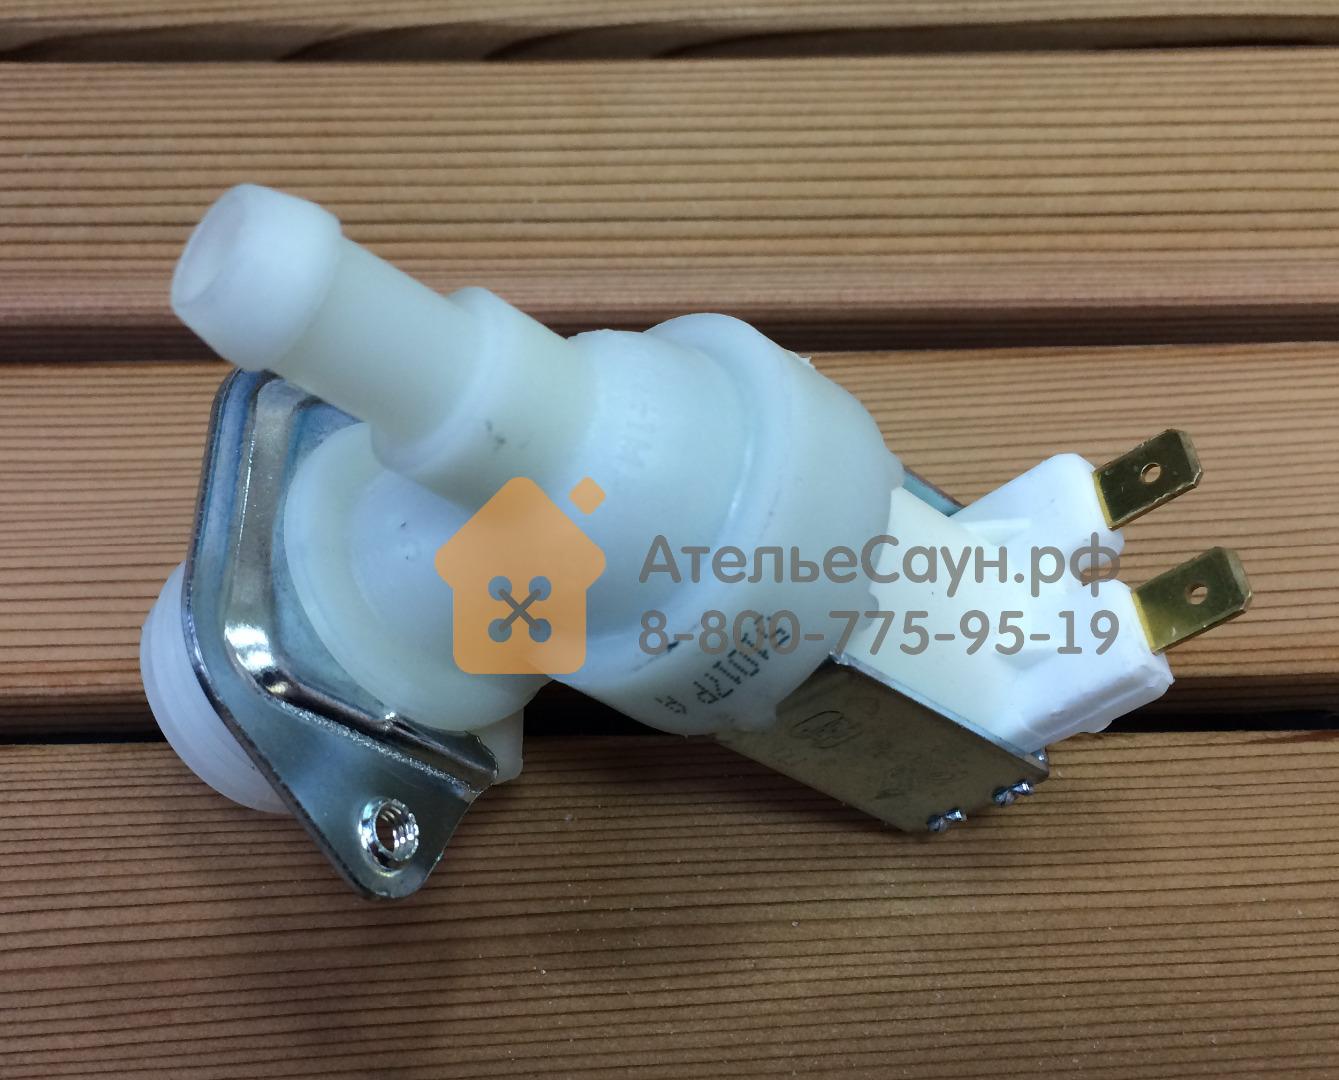 Клапан автоматического залива Harvia (электромагнитный, для парогенераторов HGX и печей Combi), ZSS-610